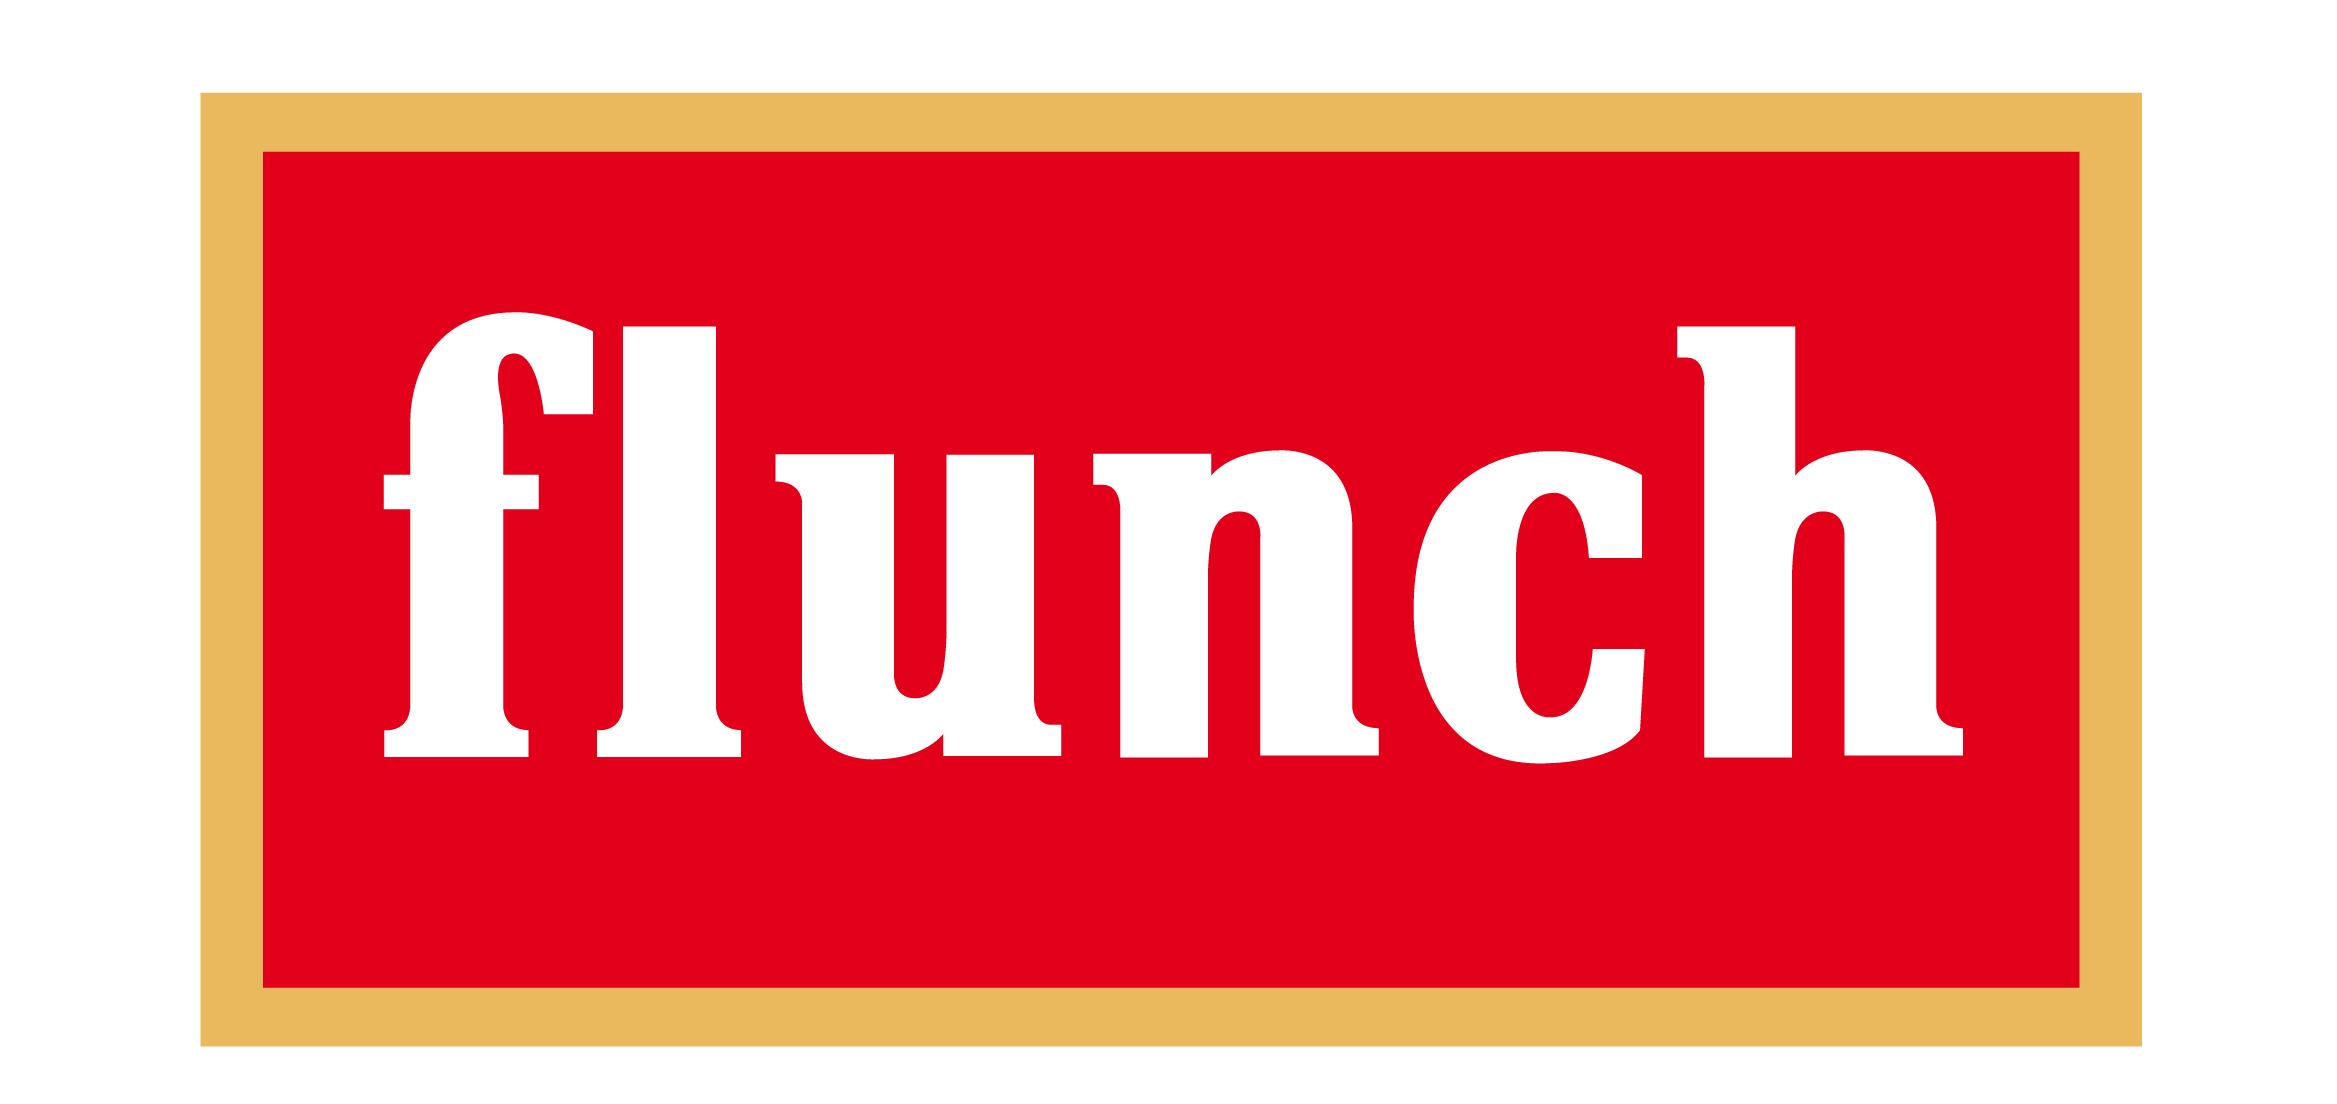 10€ de réduction sur l'addition dès 20€ le midi et soir chez Flunch